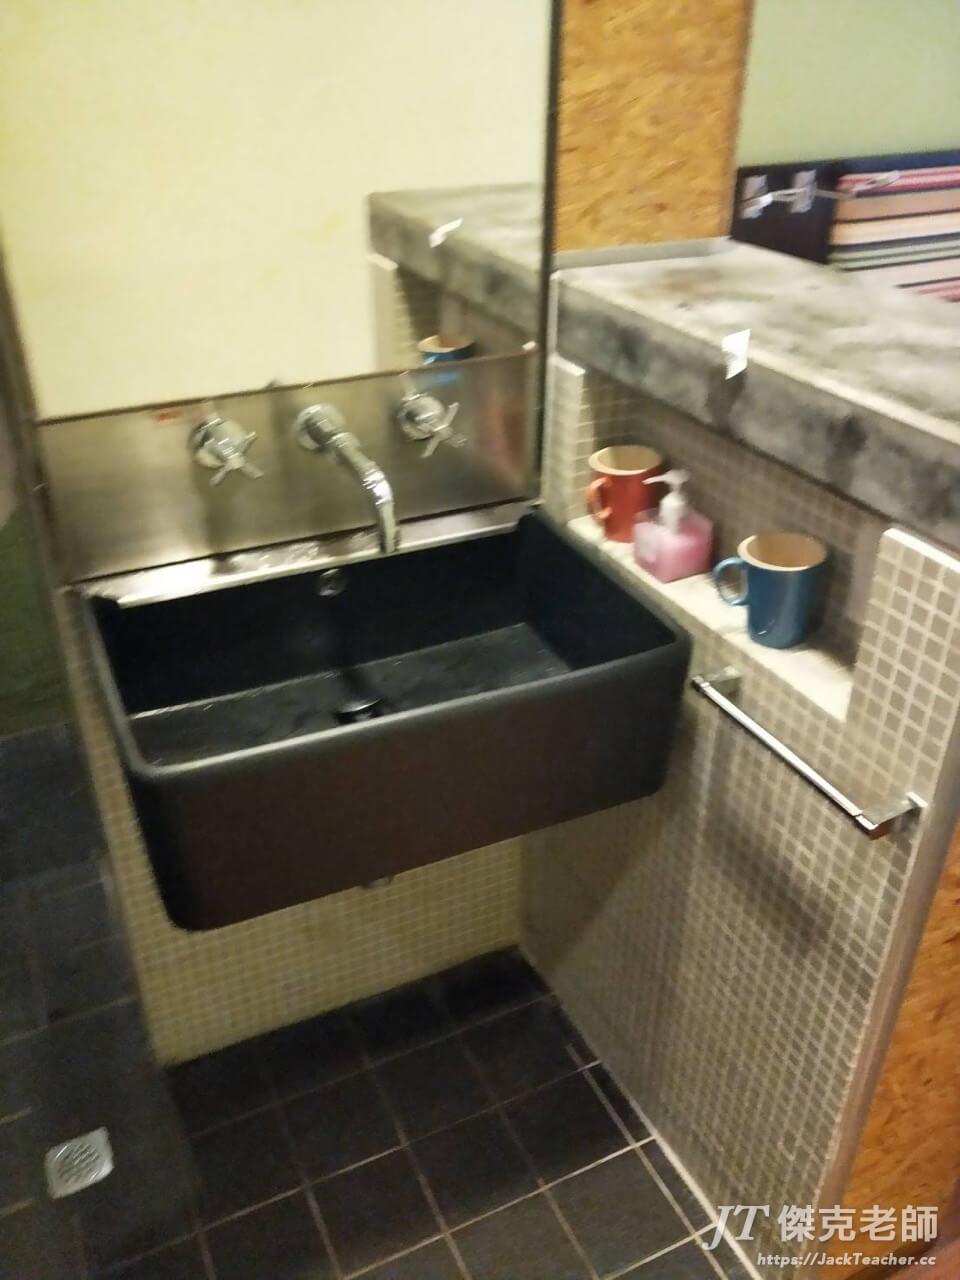 Y旅舍客房的盥洗台